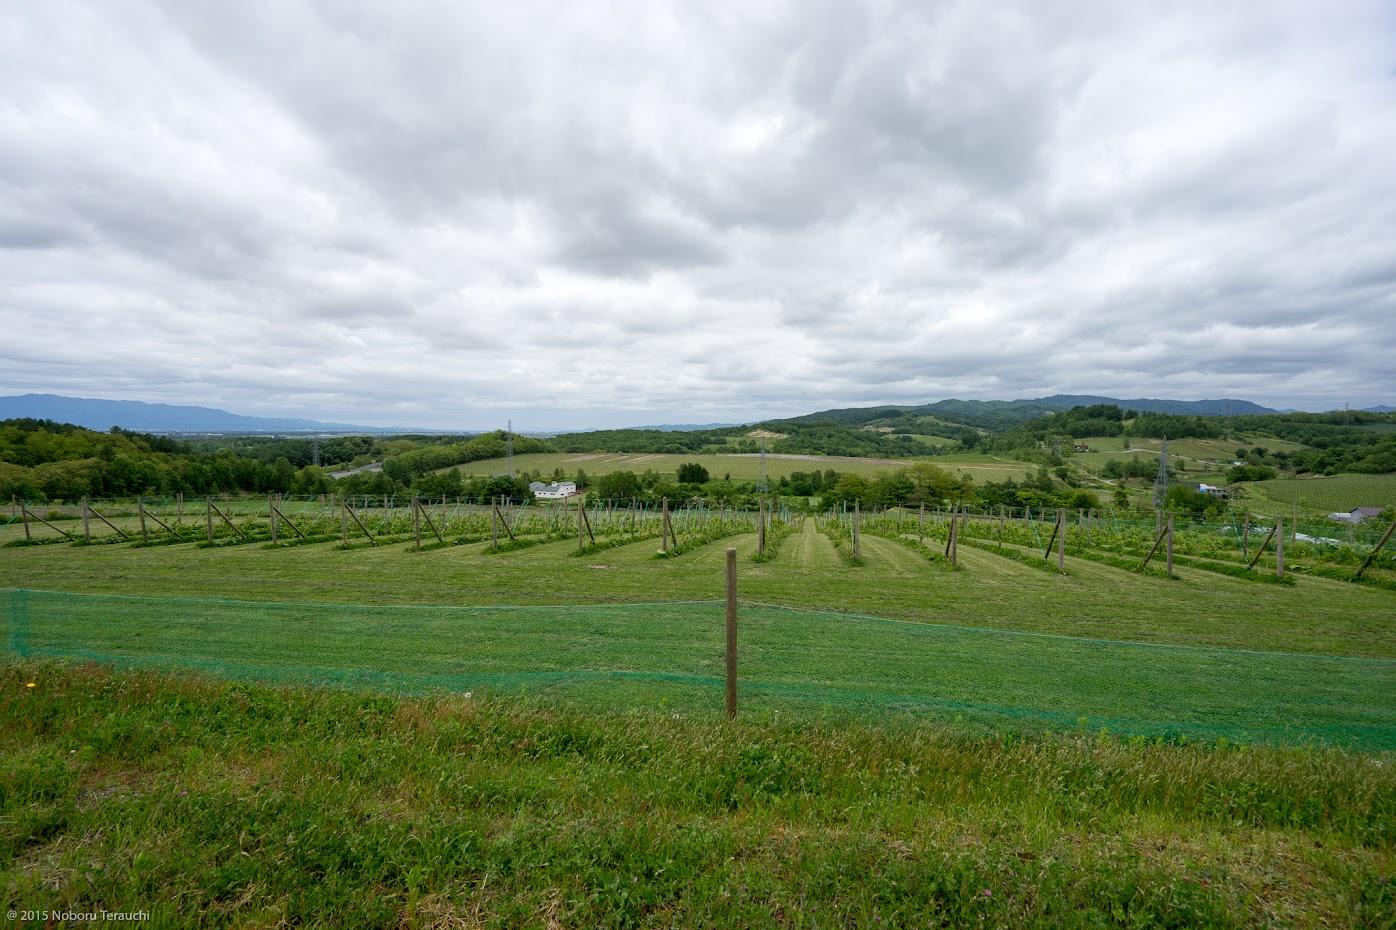 水はけの良い丘陵に広がるぶどう畑